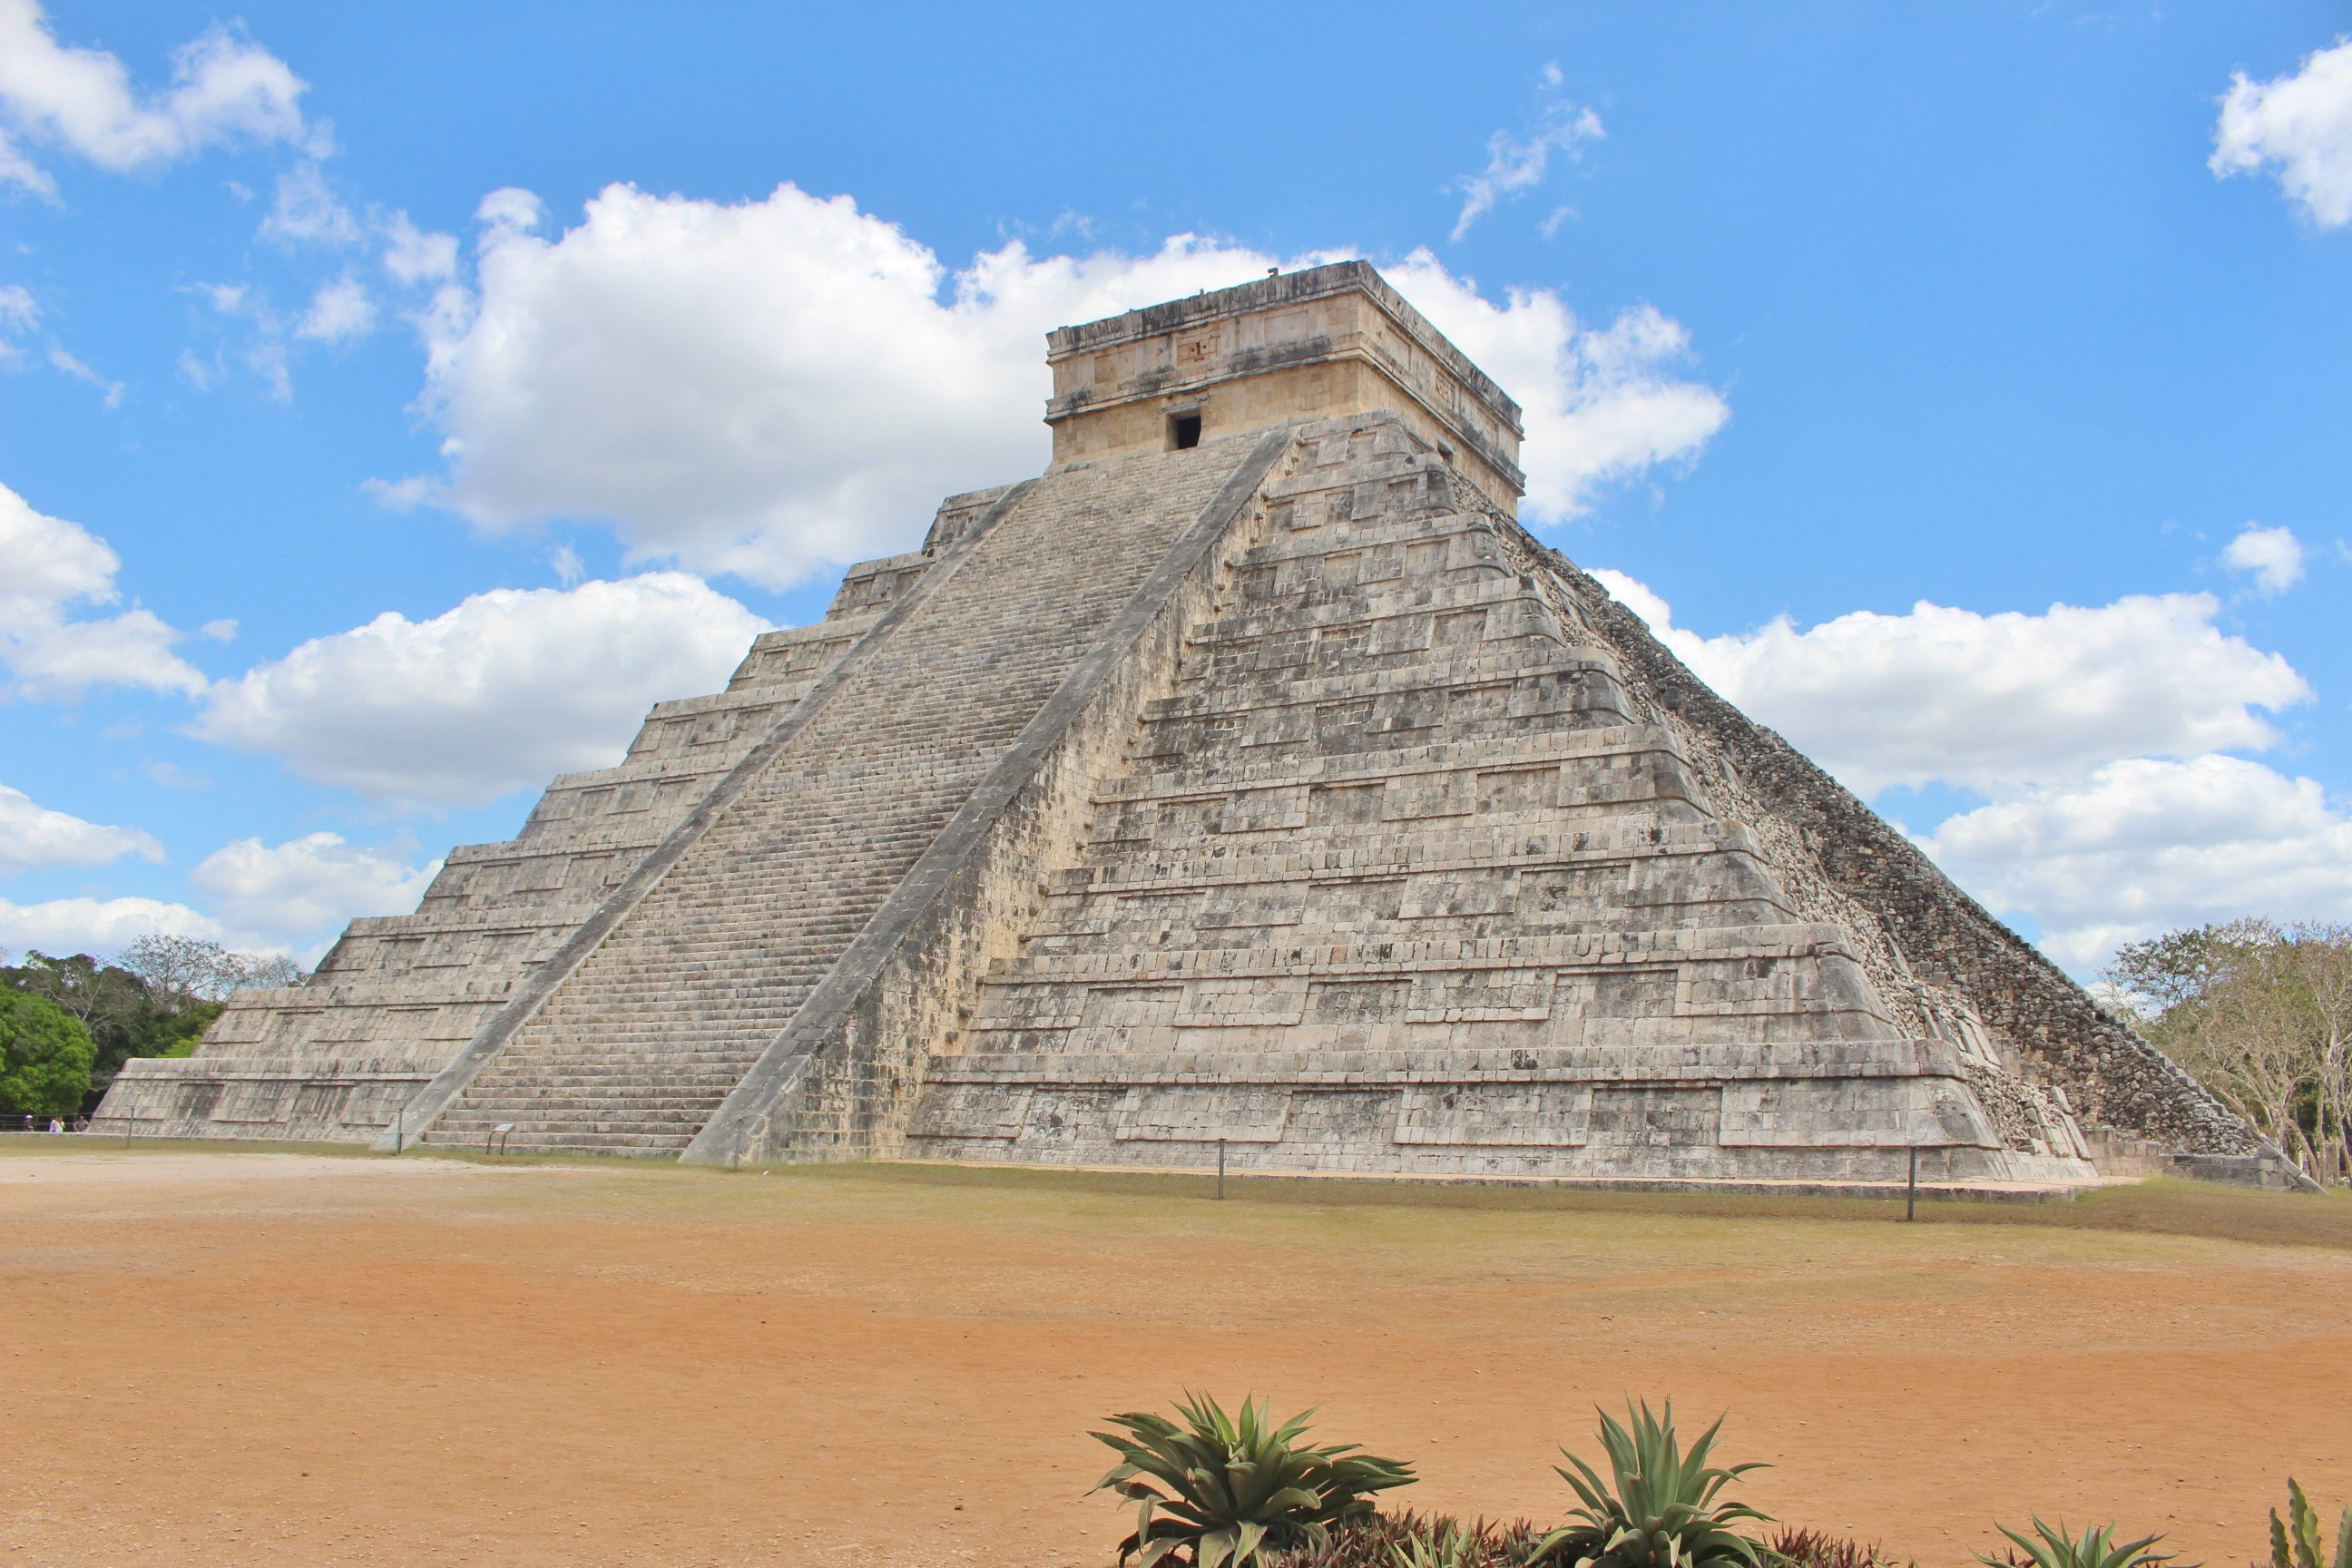 Chichen Itza Mexique Yucatan Pyramide Maya